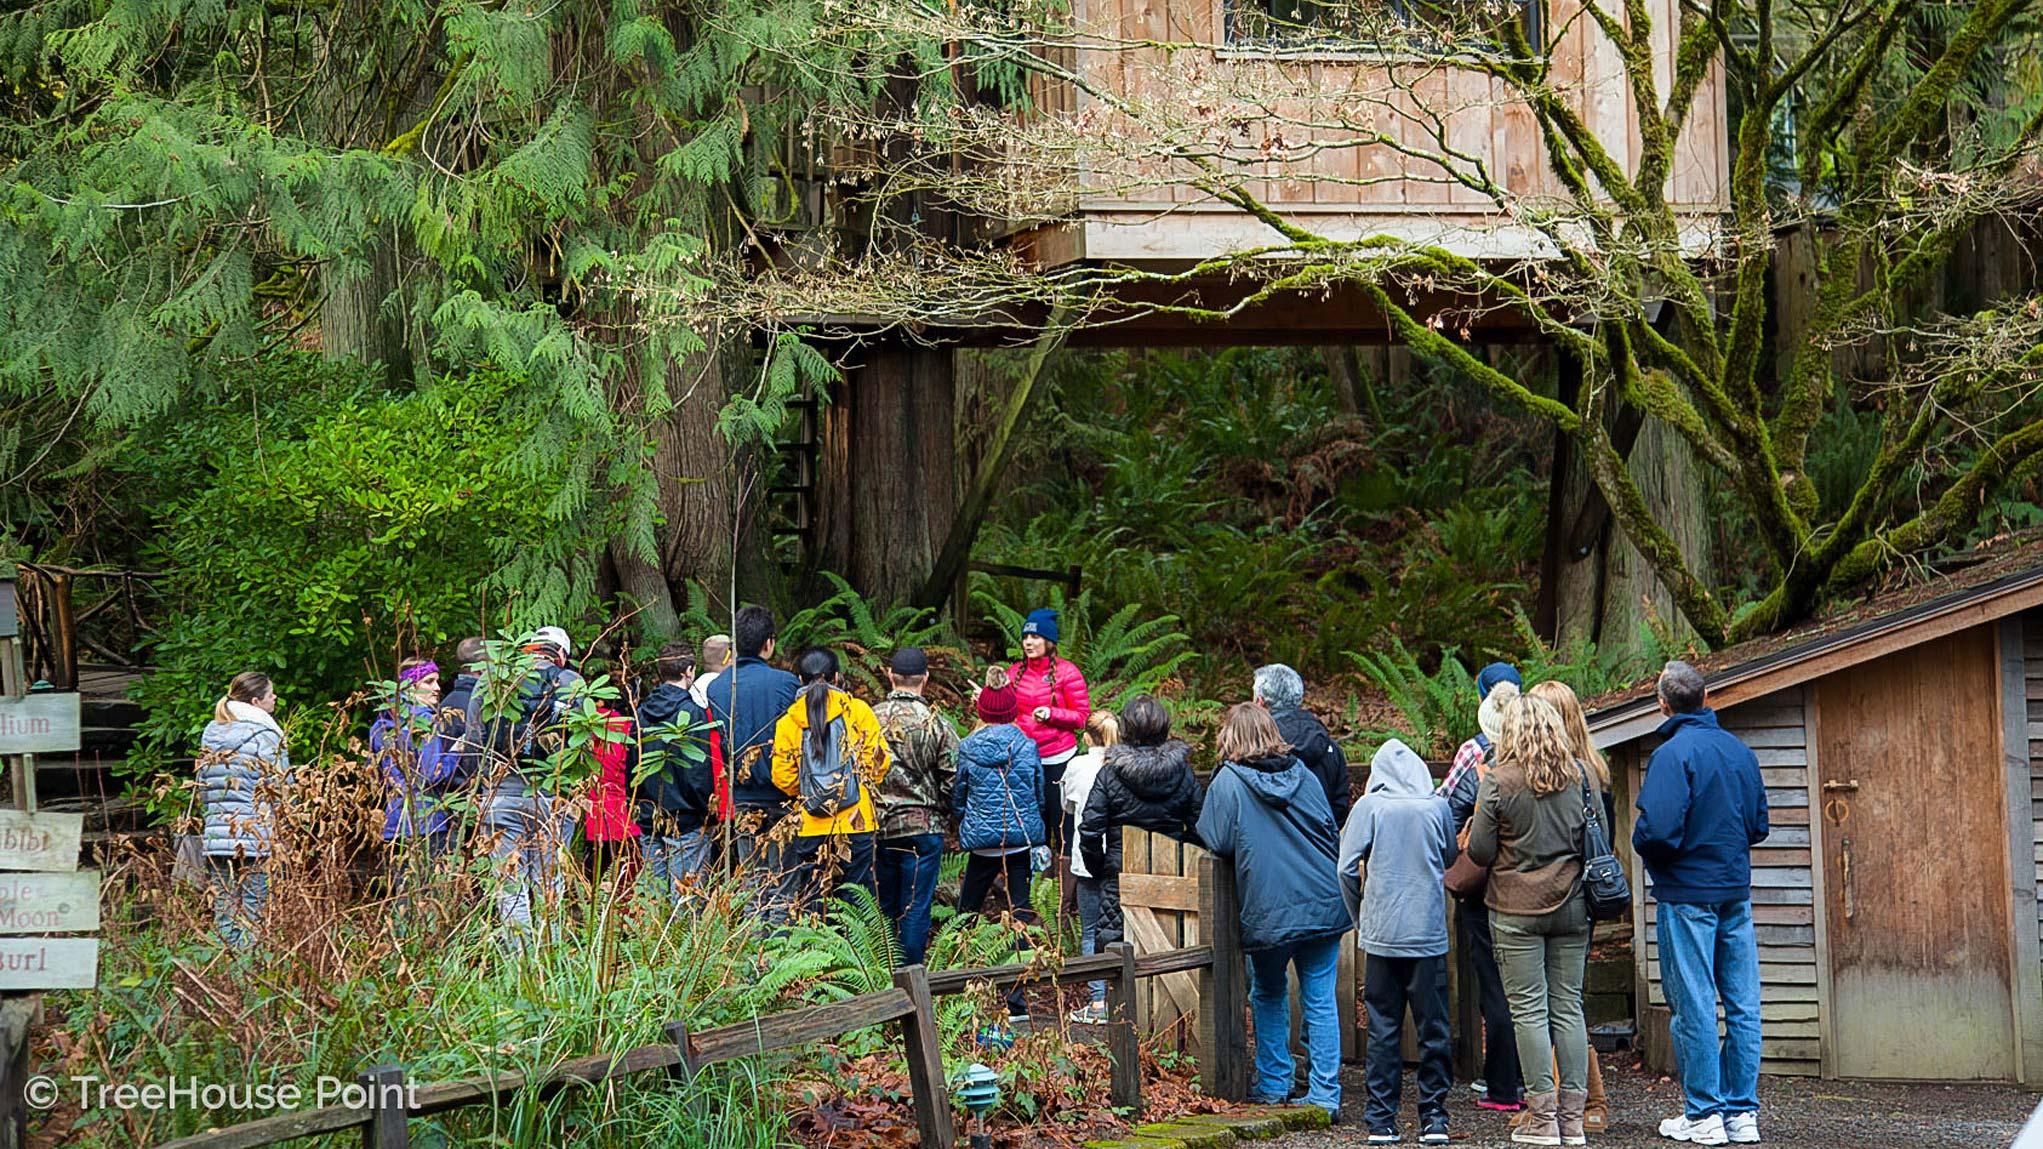 Tour Treehouse Point